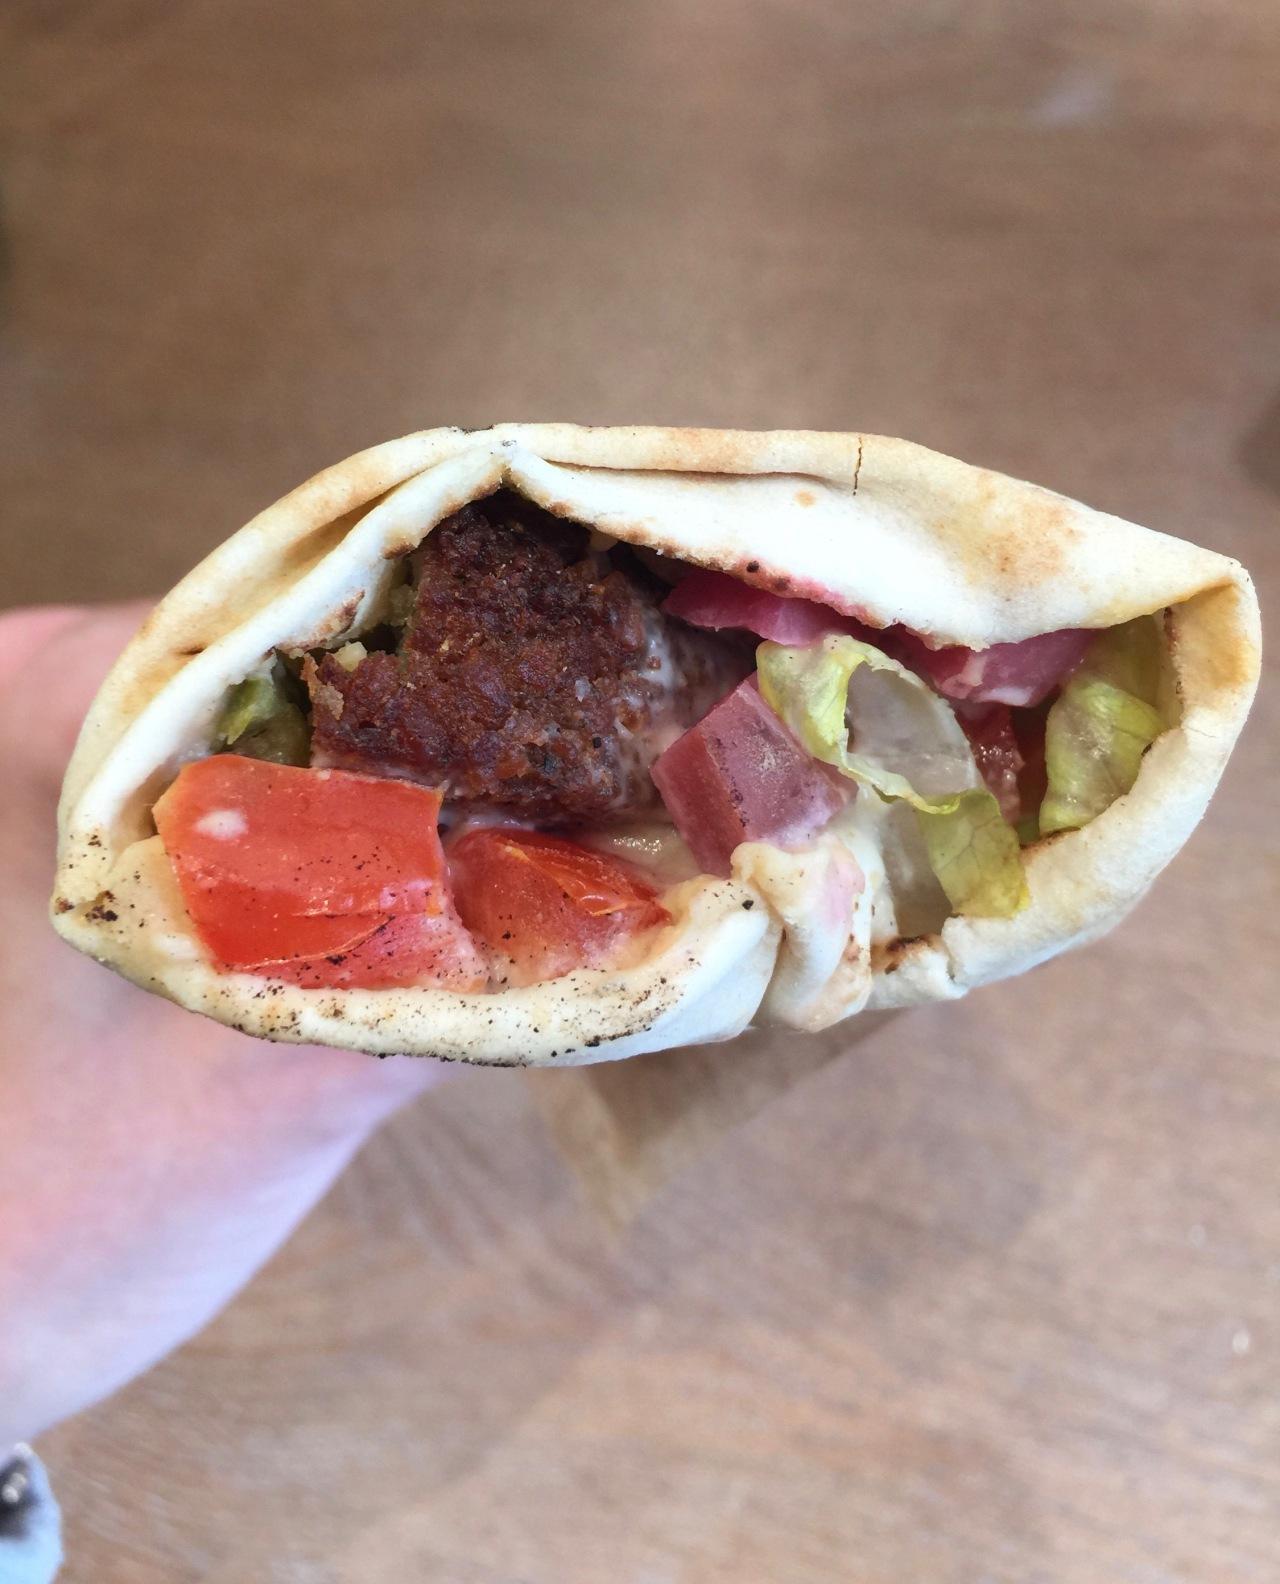 ZOÉ À BEYROUTH : STREET FOOD À LA LIBANAISE (PARIS17)